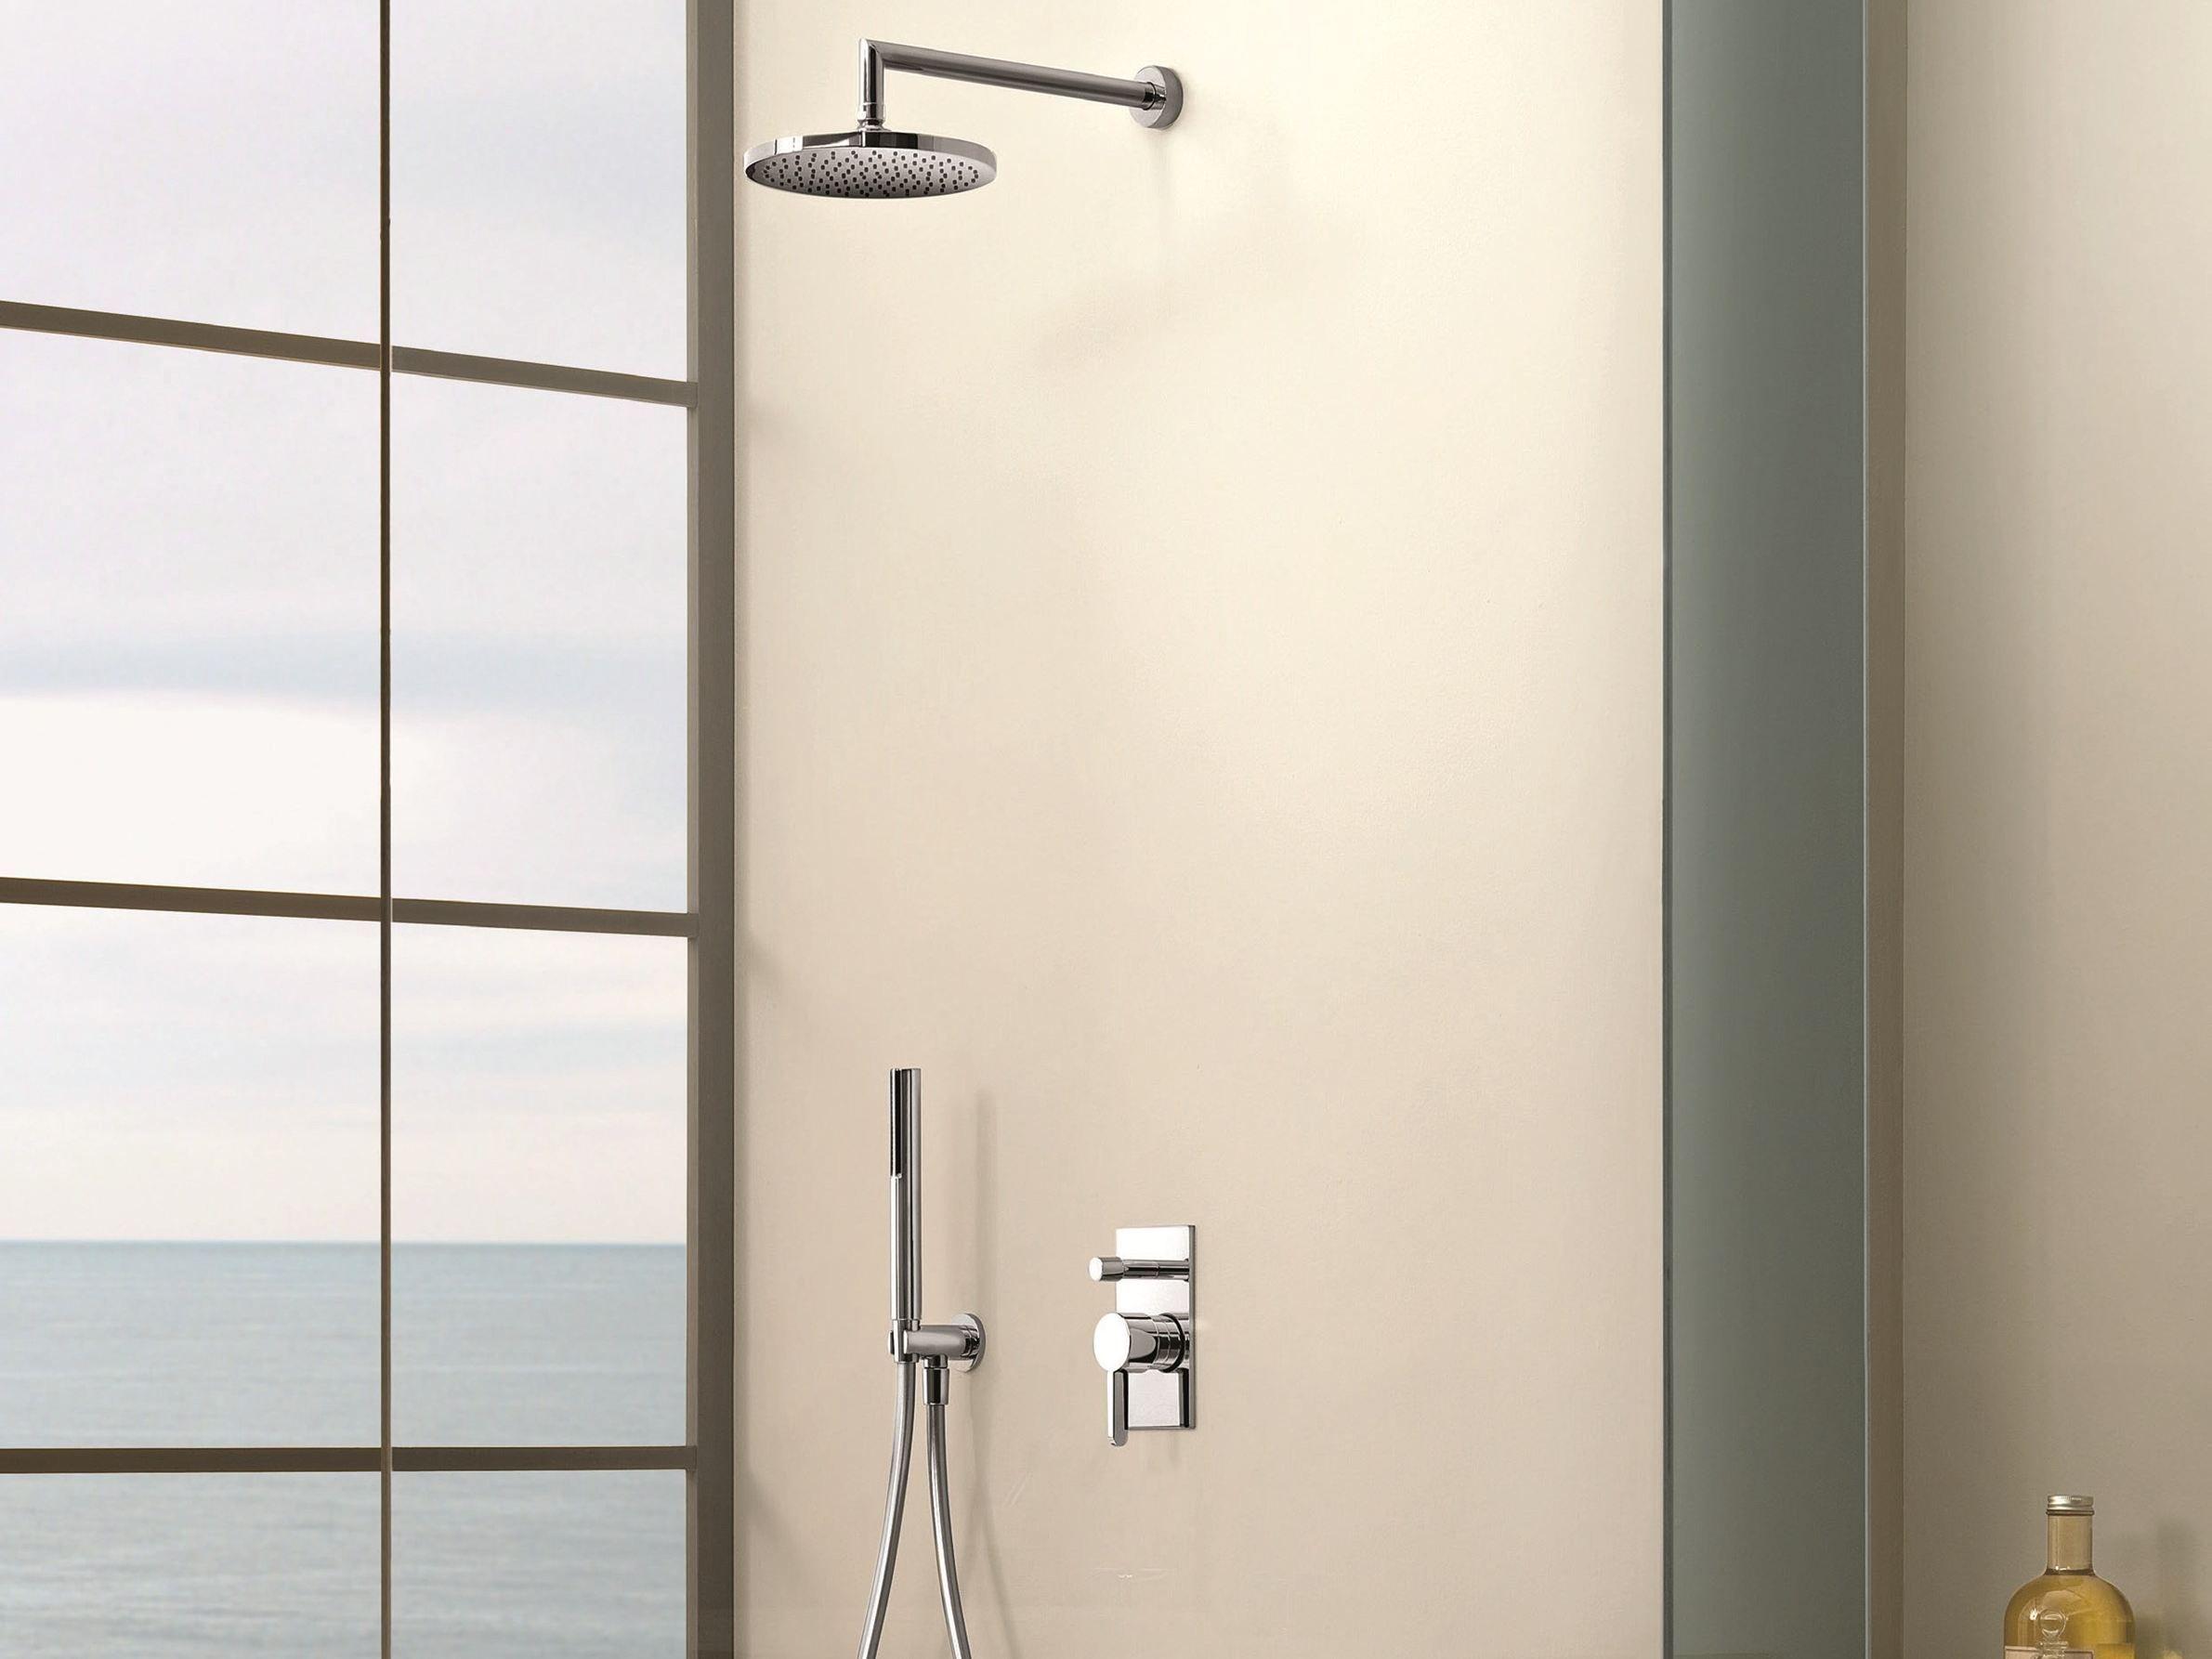 riviera dusche mischbatterie mit umsteller by fantini. Black Bedroom Furniture Sets. Home Design Ideas